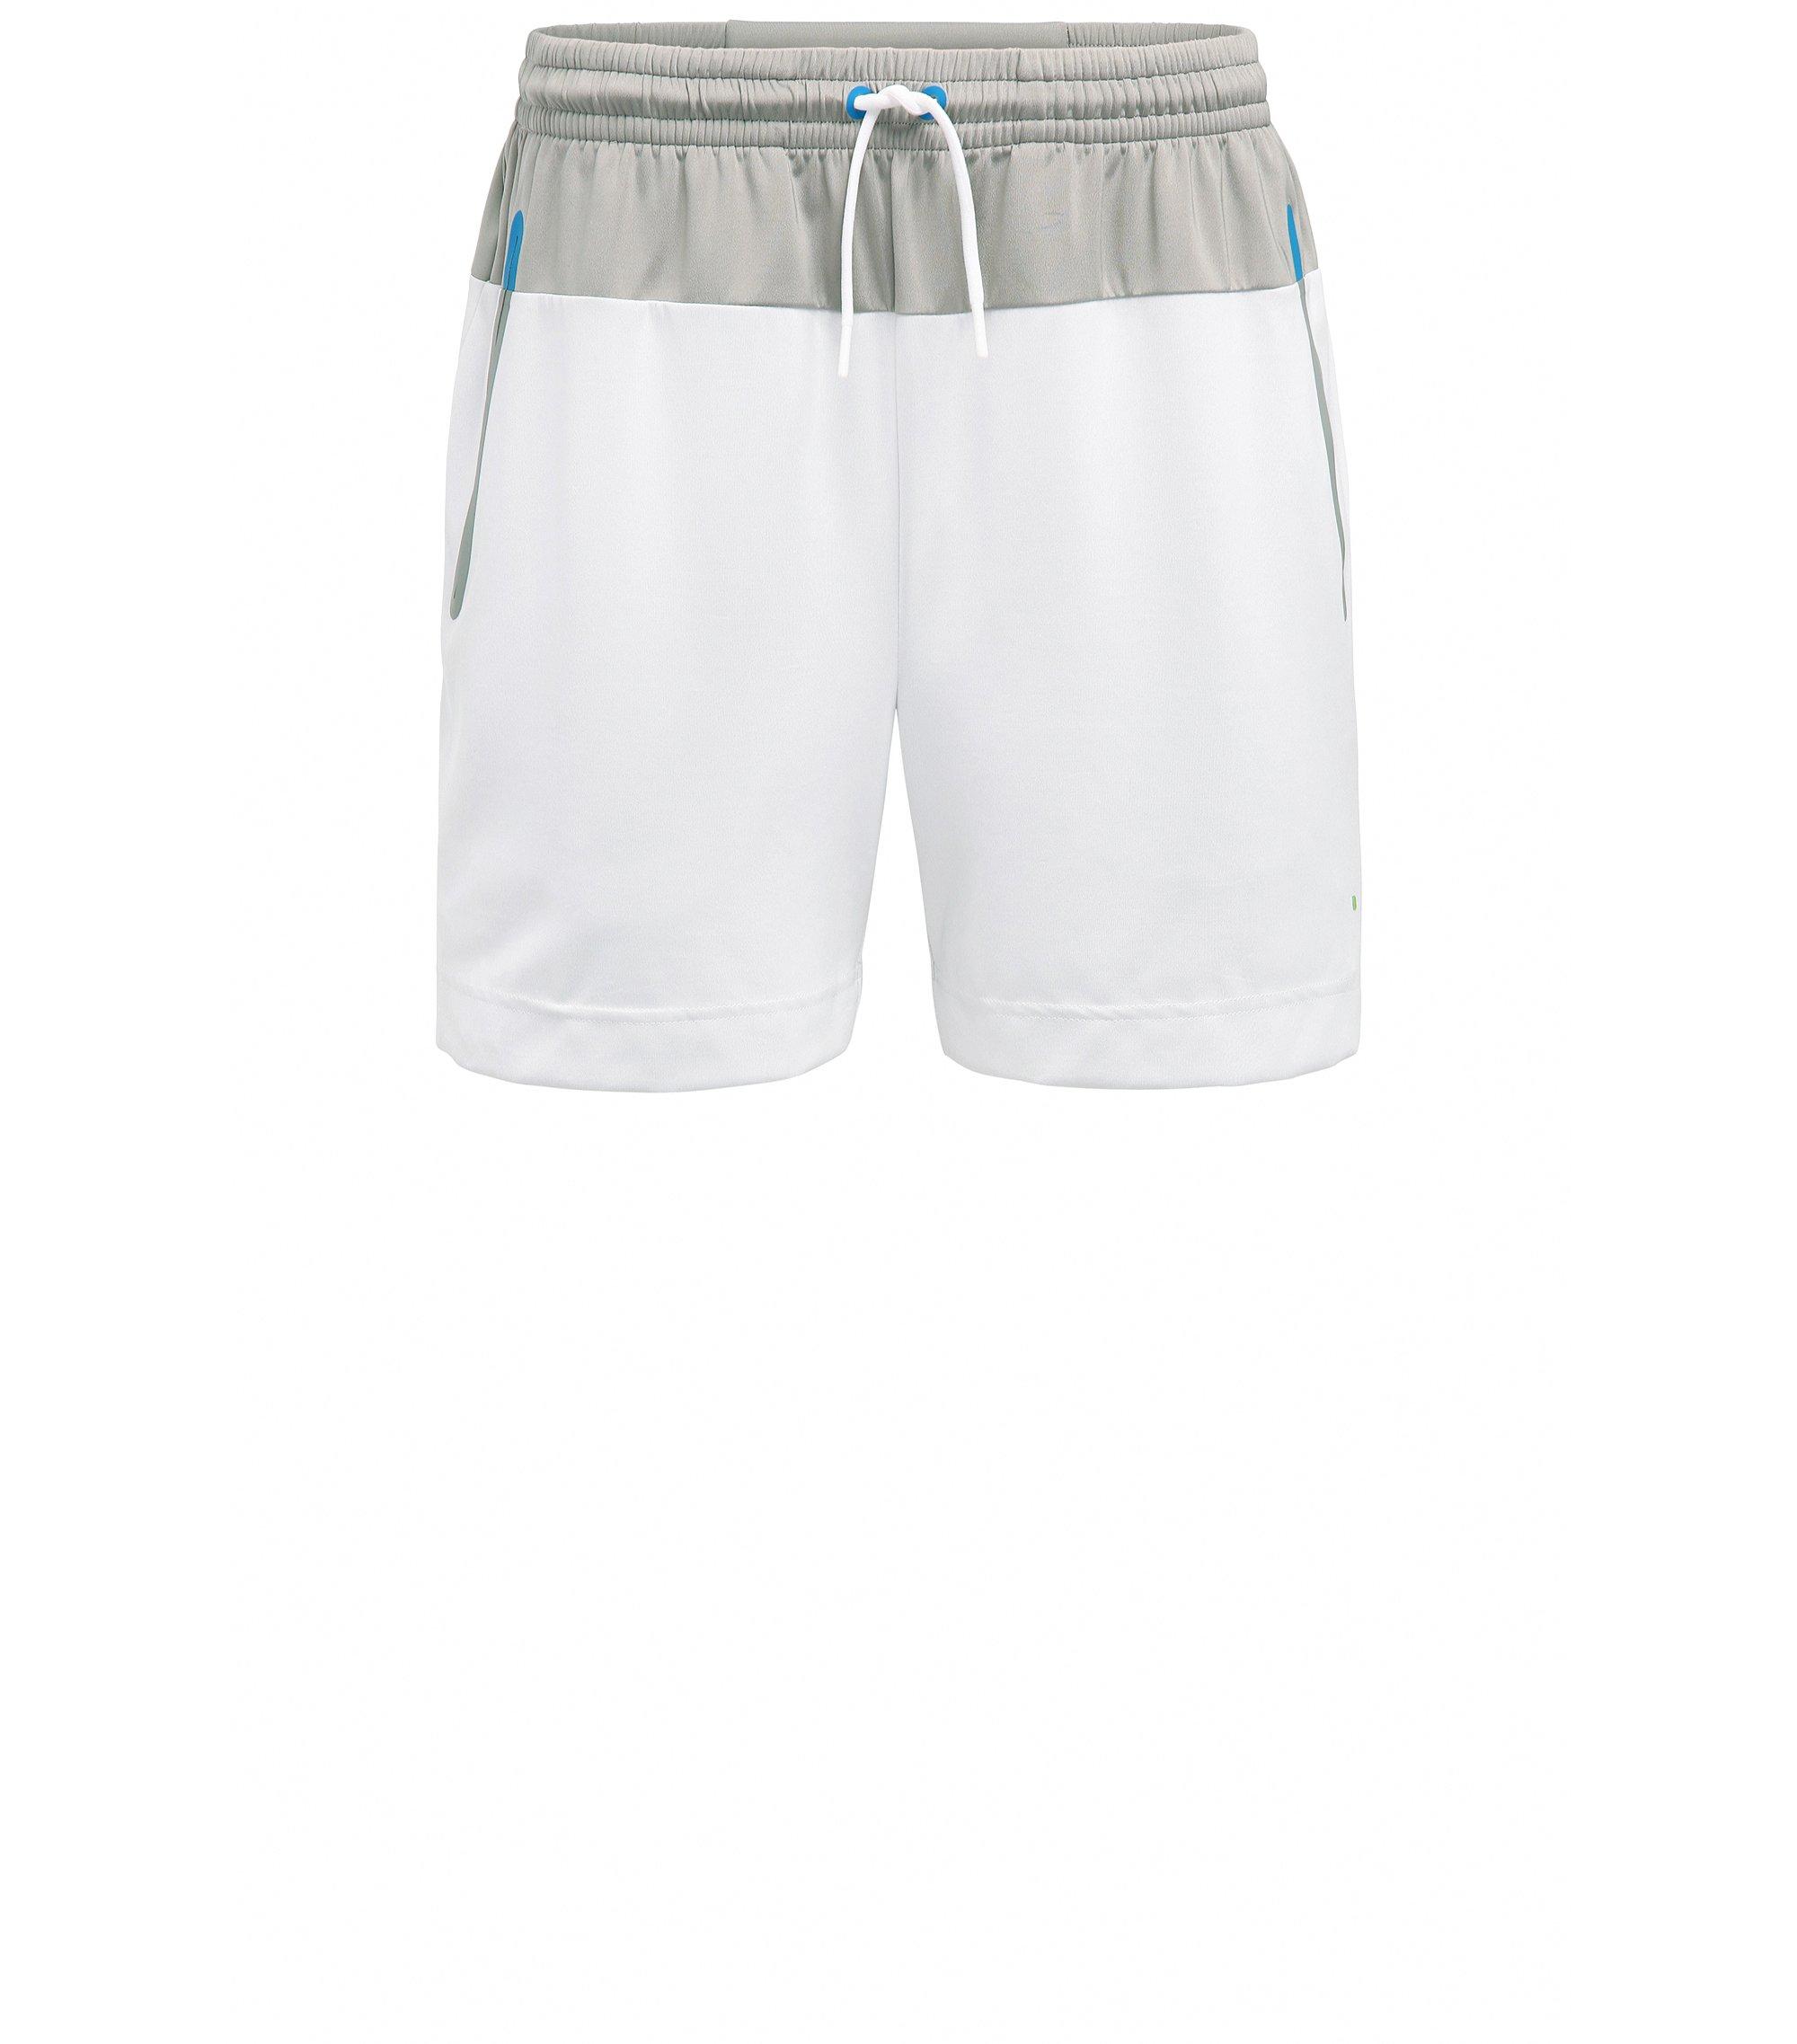 Shorts slim fit con elástico técnico, Blanco